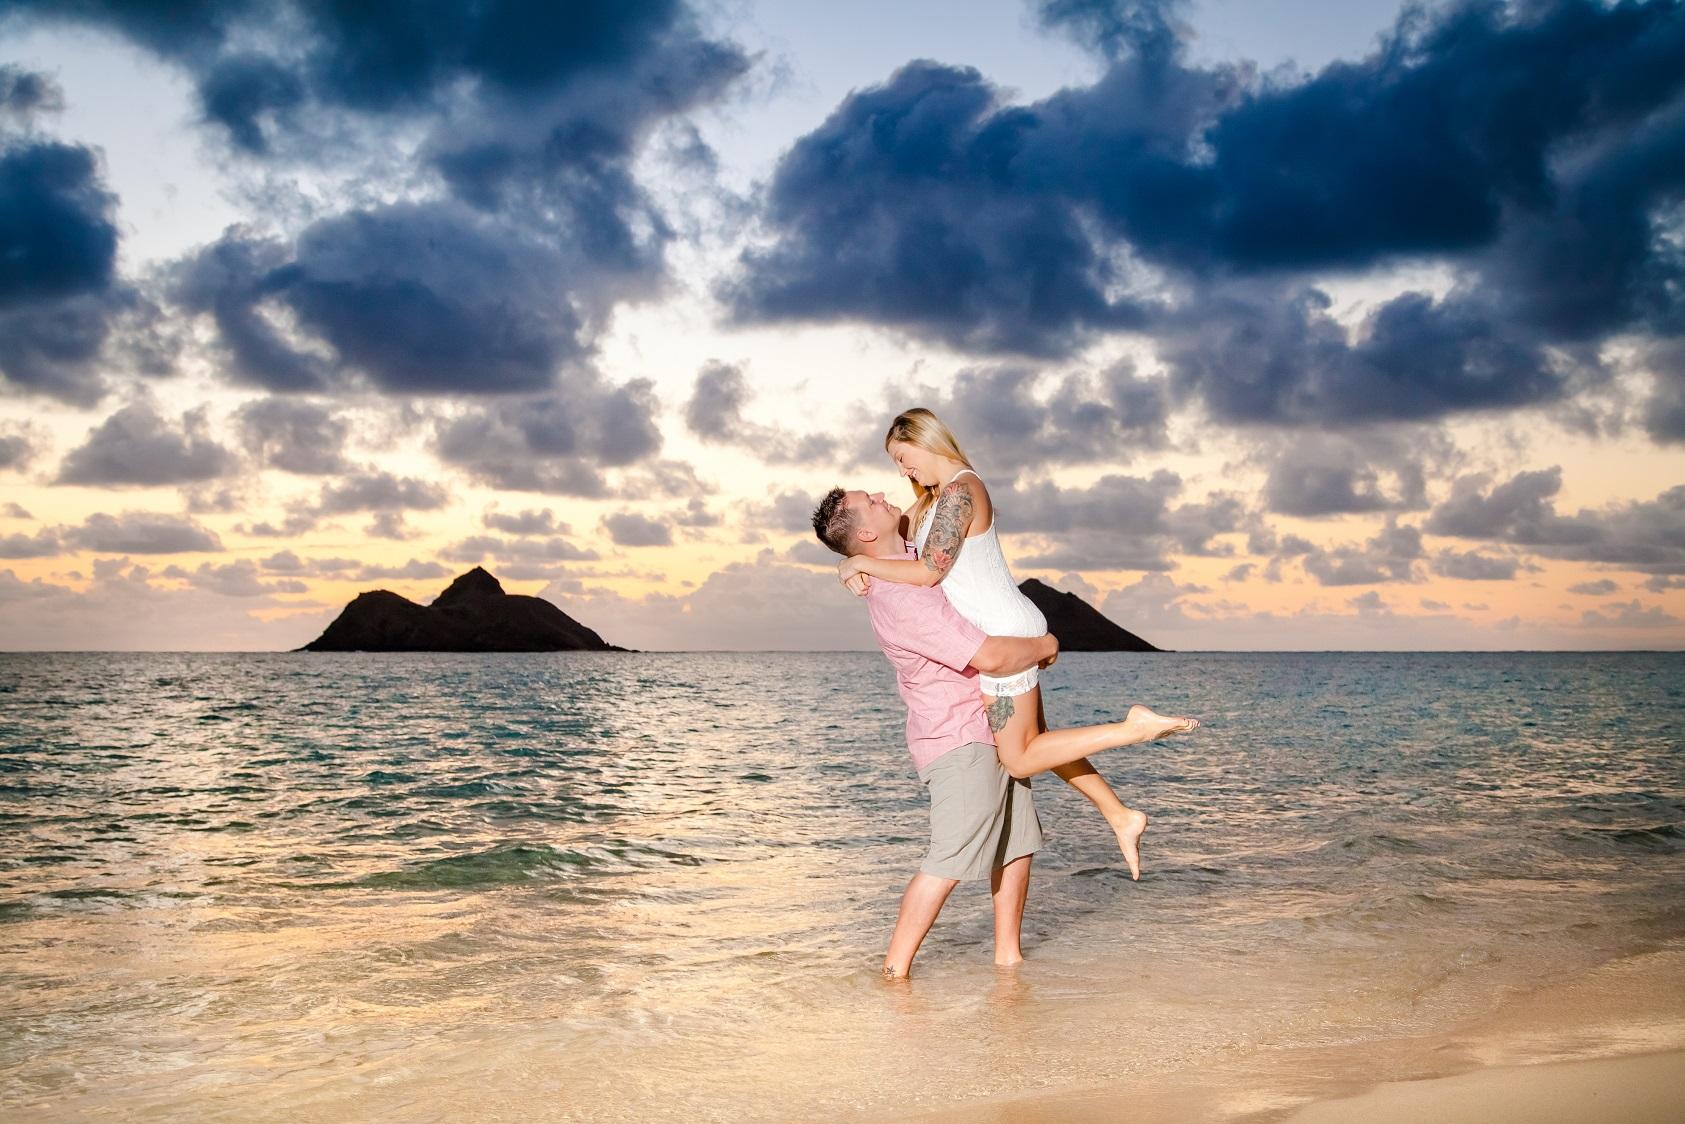 romantic couples beach engagement portrait hawaii sunrise